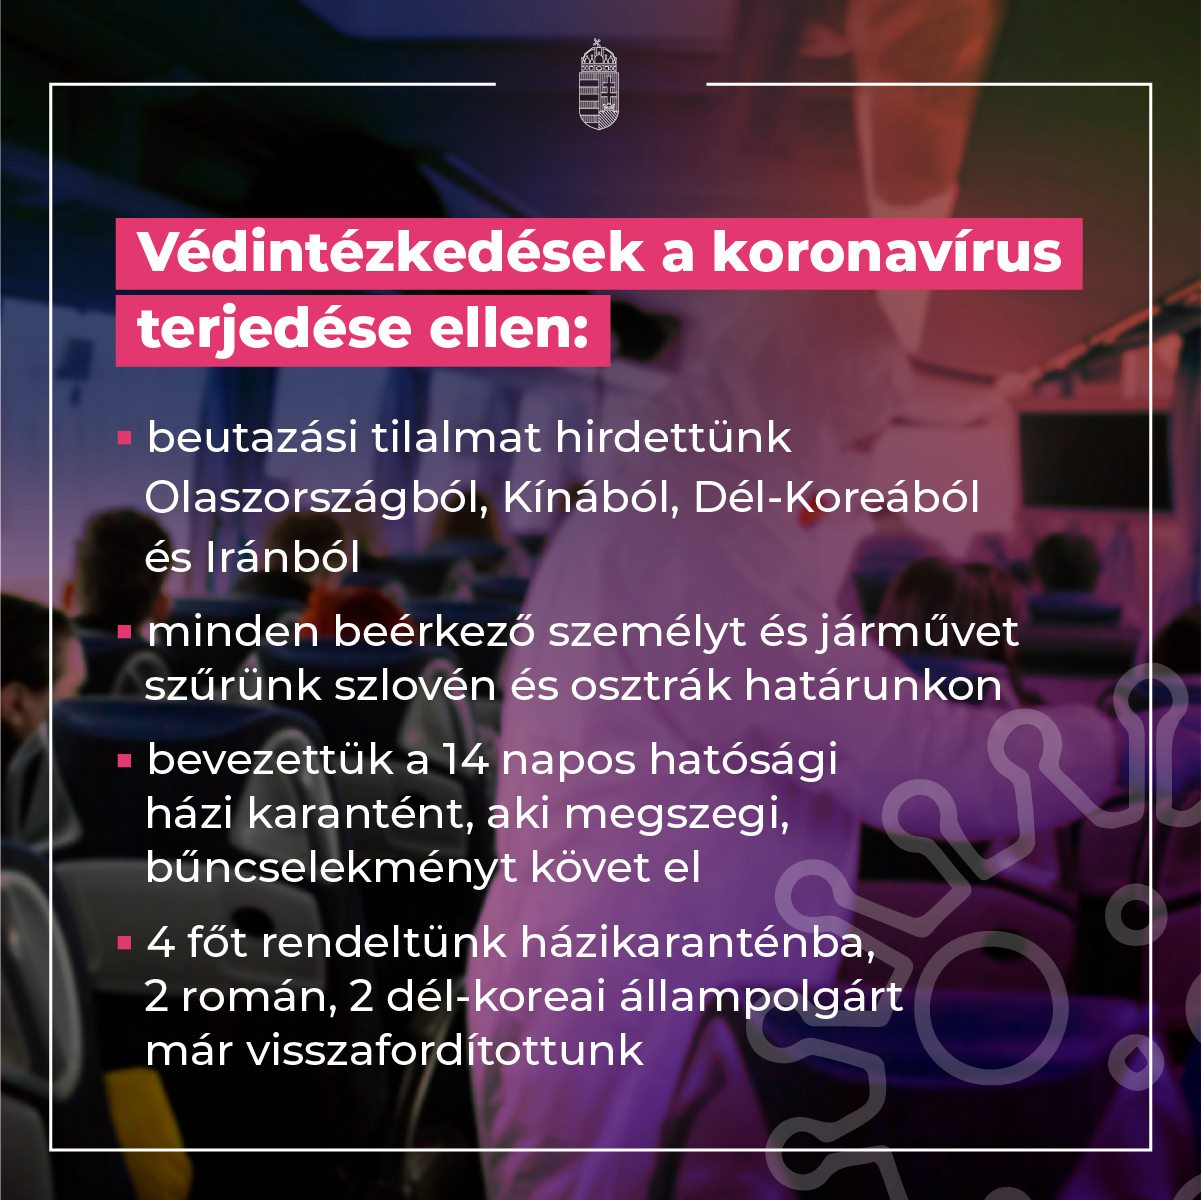 Védintézkedések a koronavírus terjedése ellen.